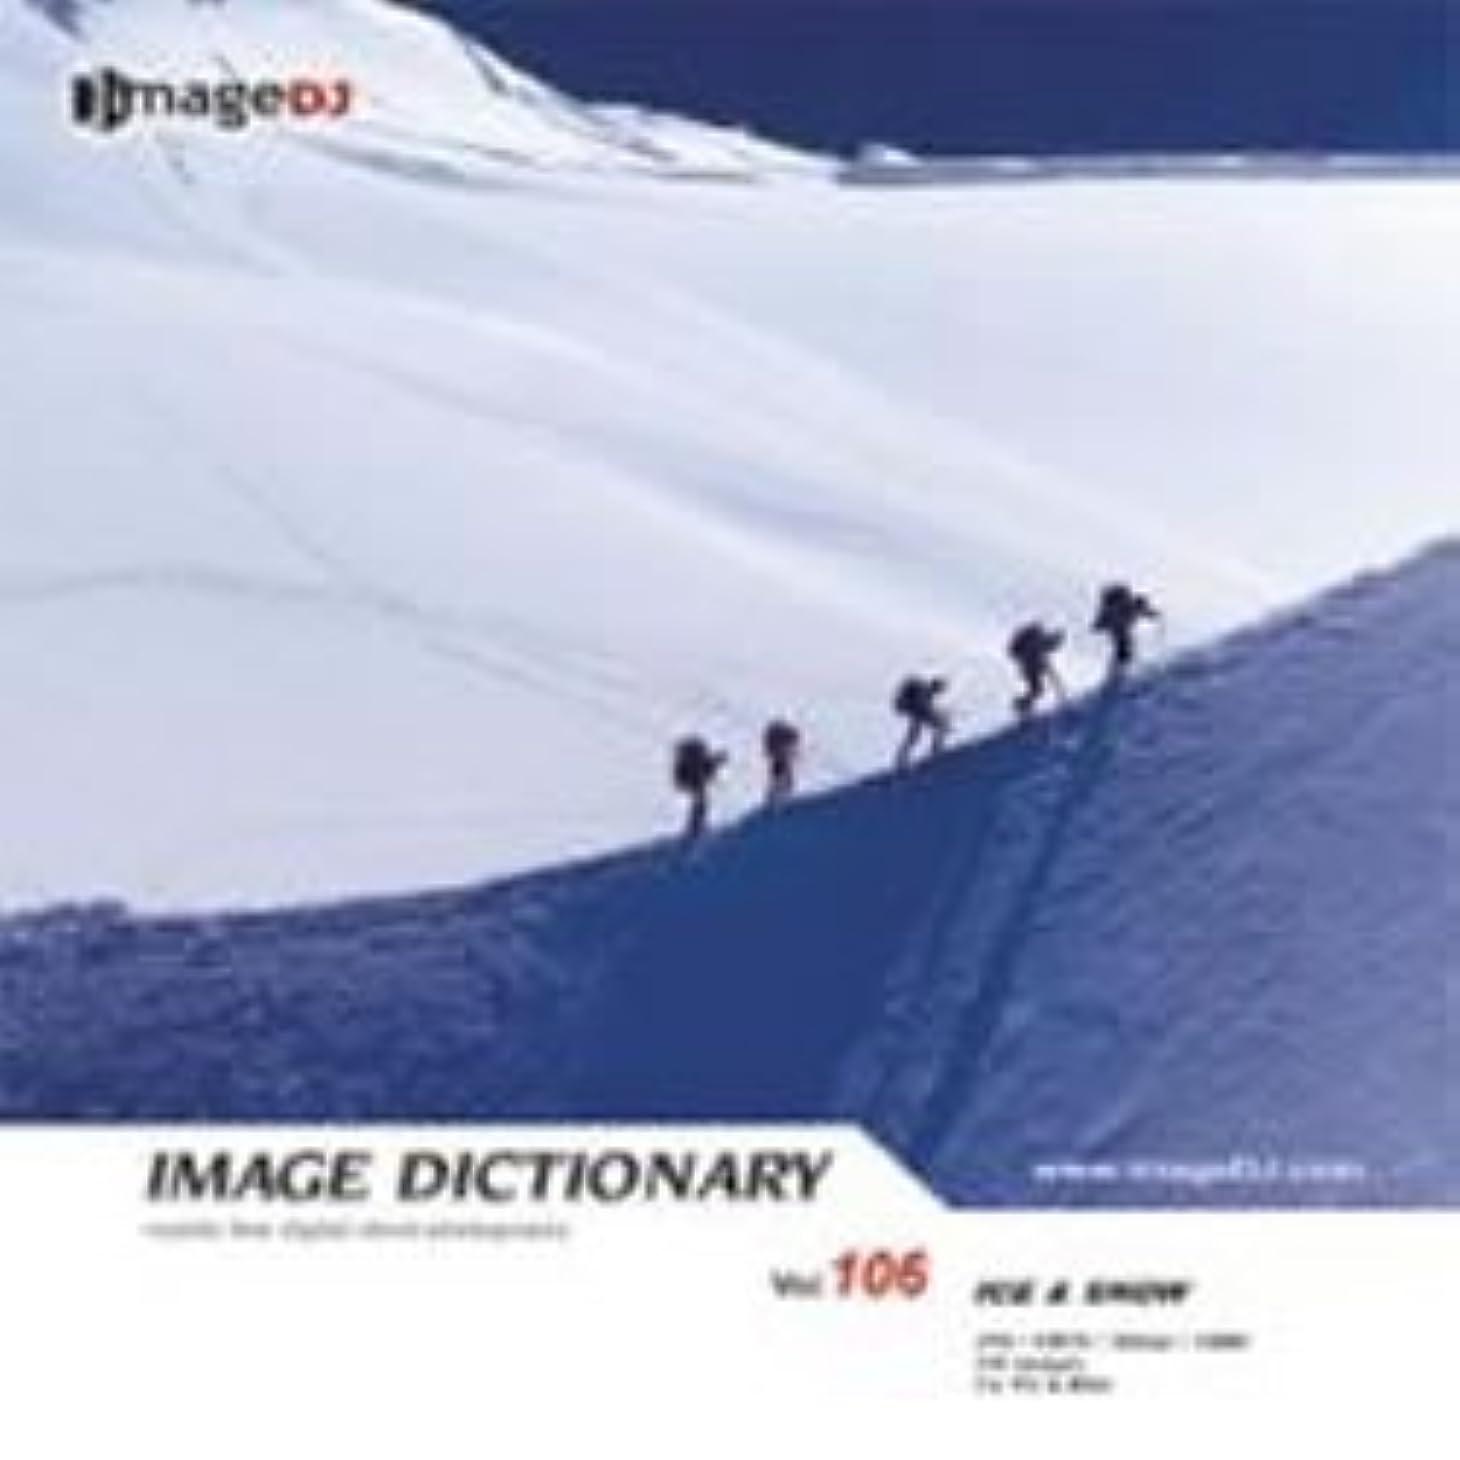 罰鷹砲撃イメージ ディクショナリー Vol.106 氷と雪